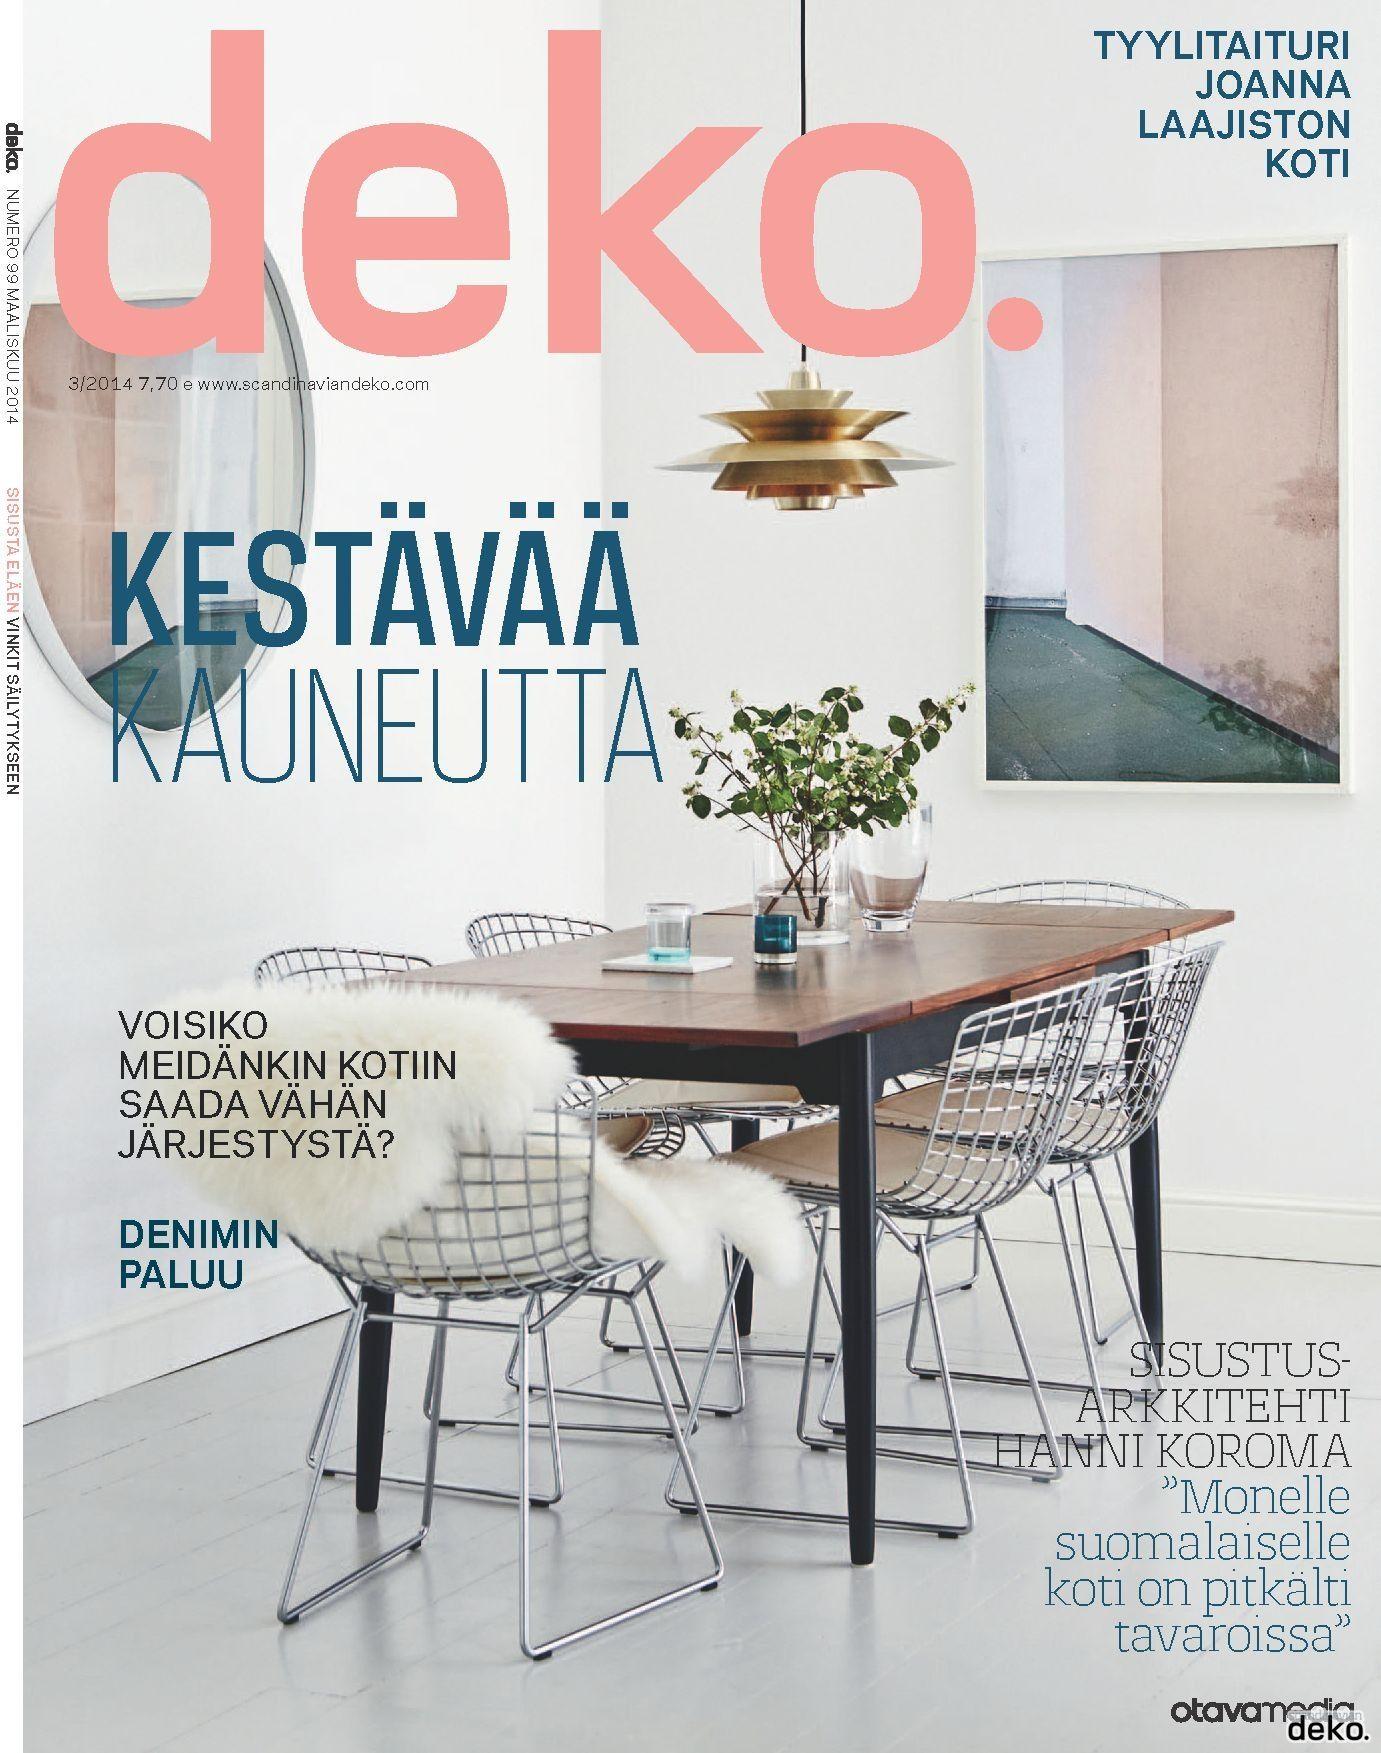 Deko Magazine deko s print magazine 3 14 out now scandinavian deko all the